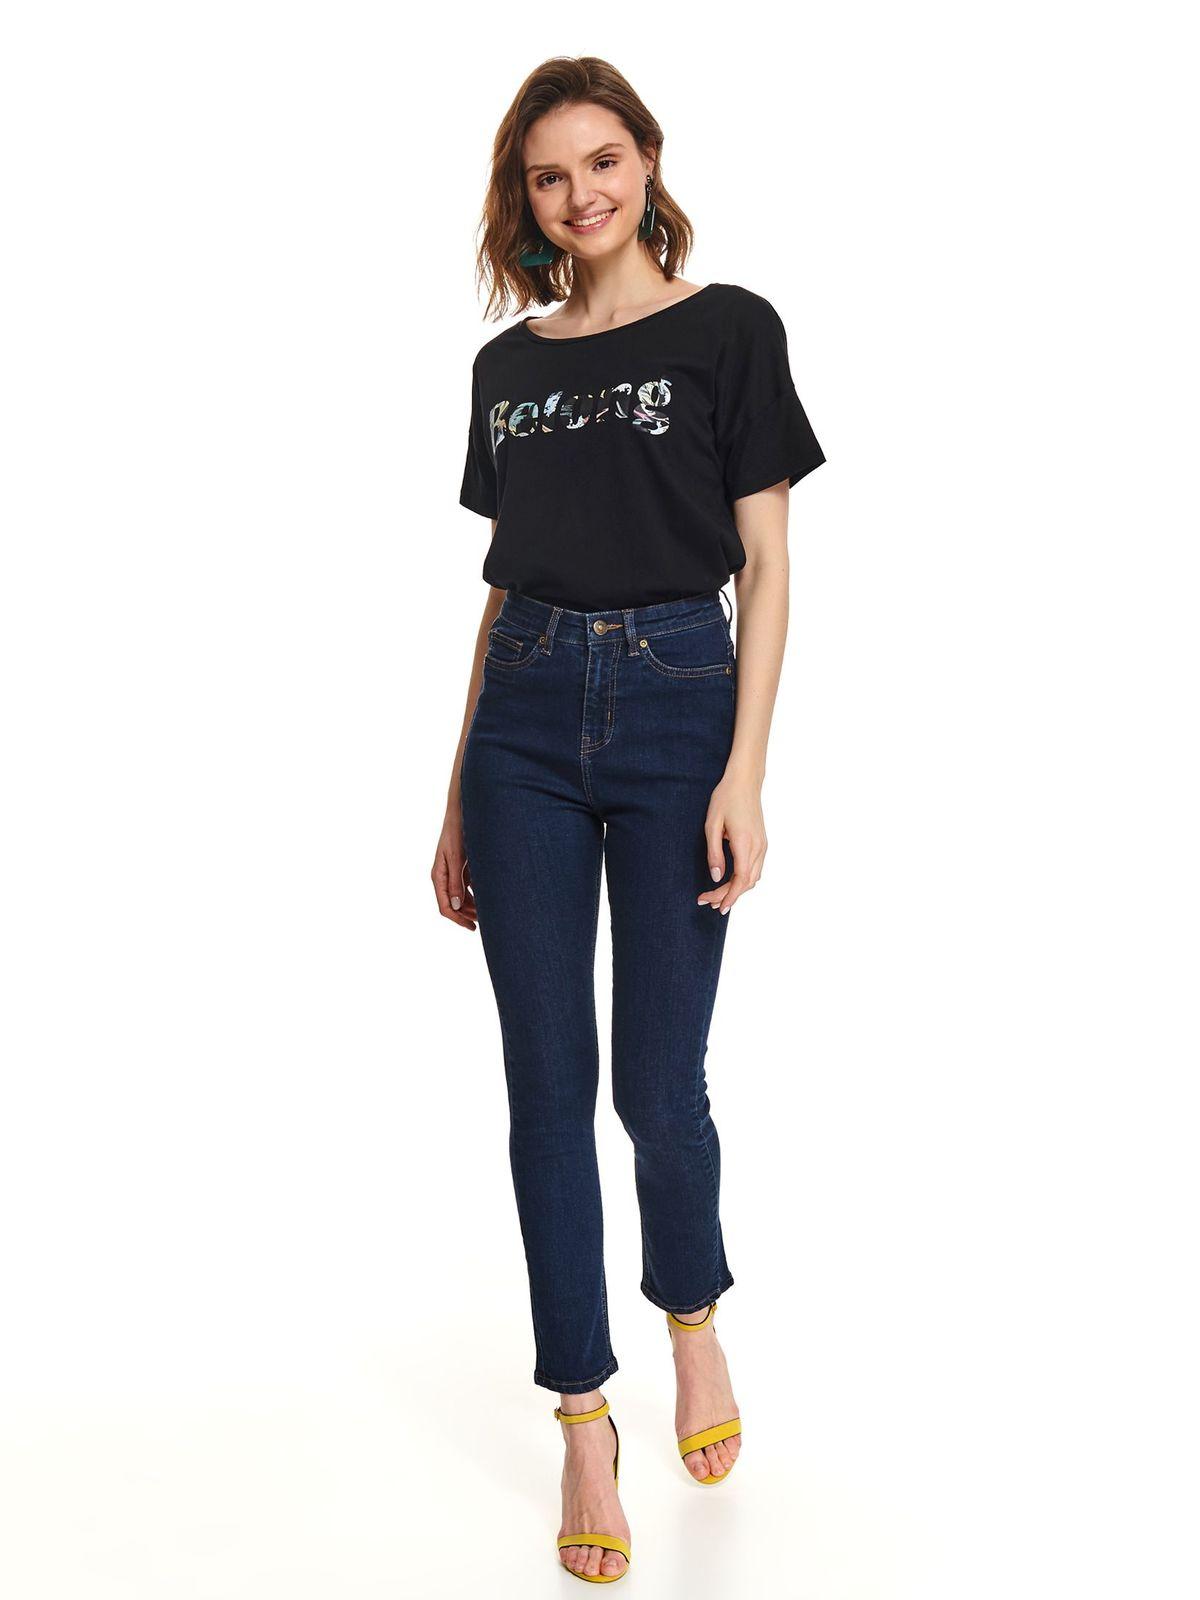 джинсы Top secret